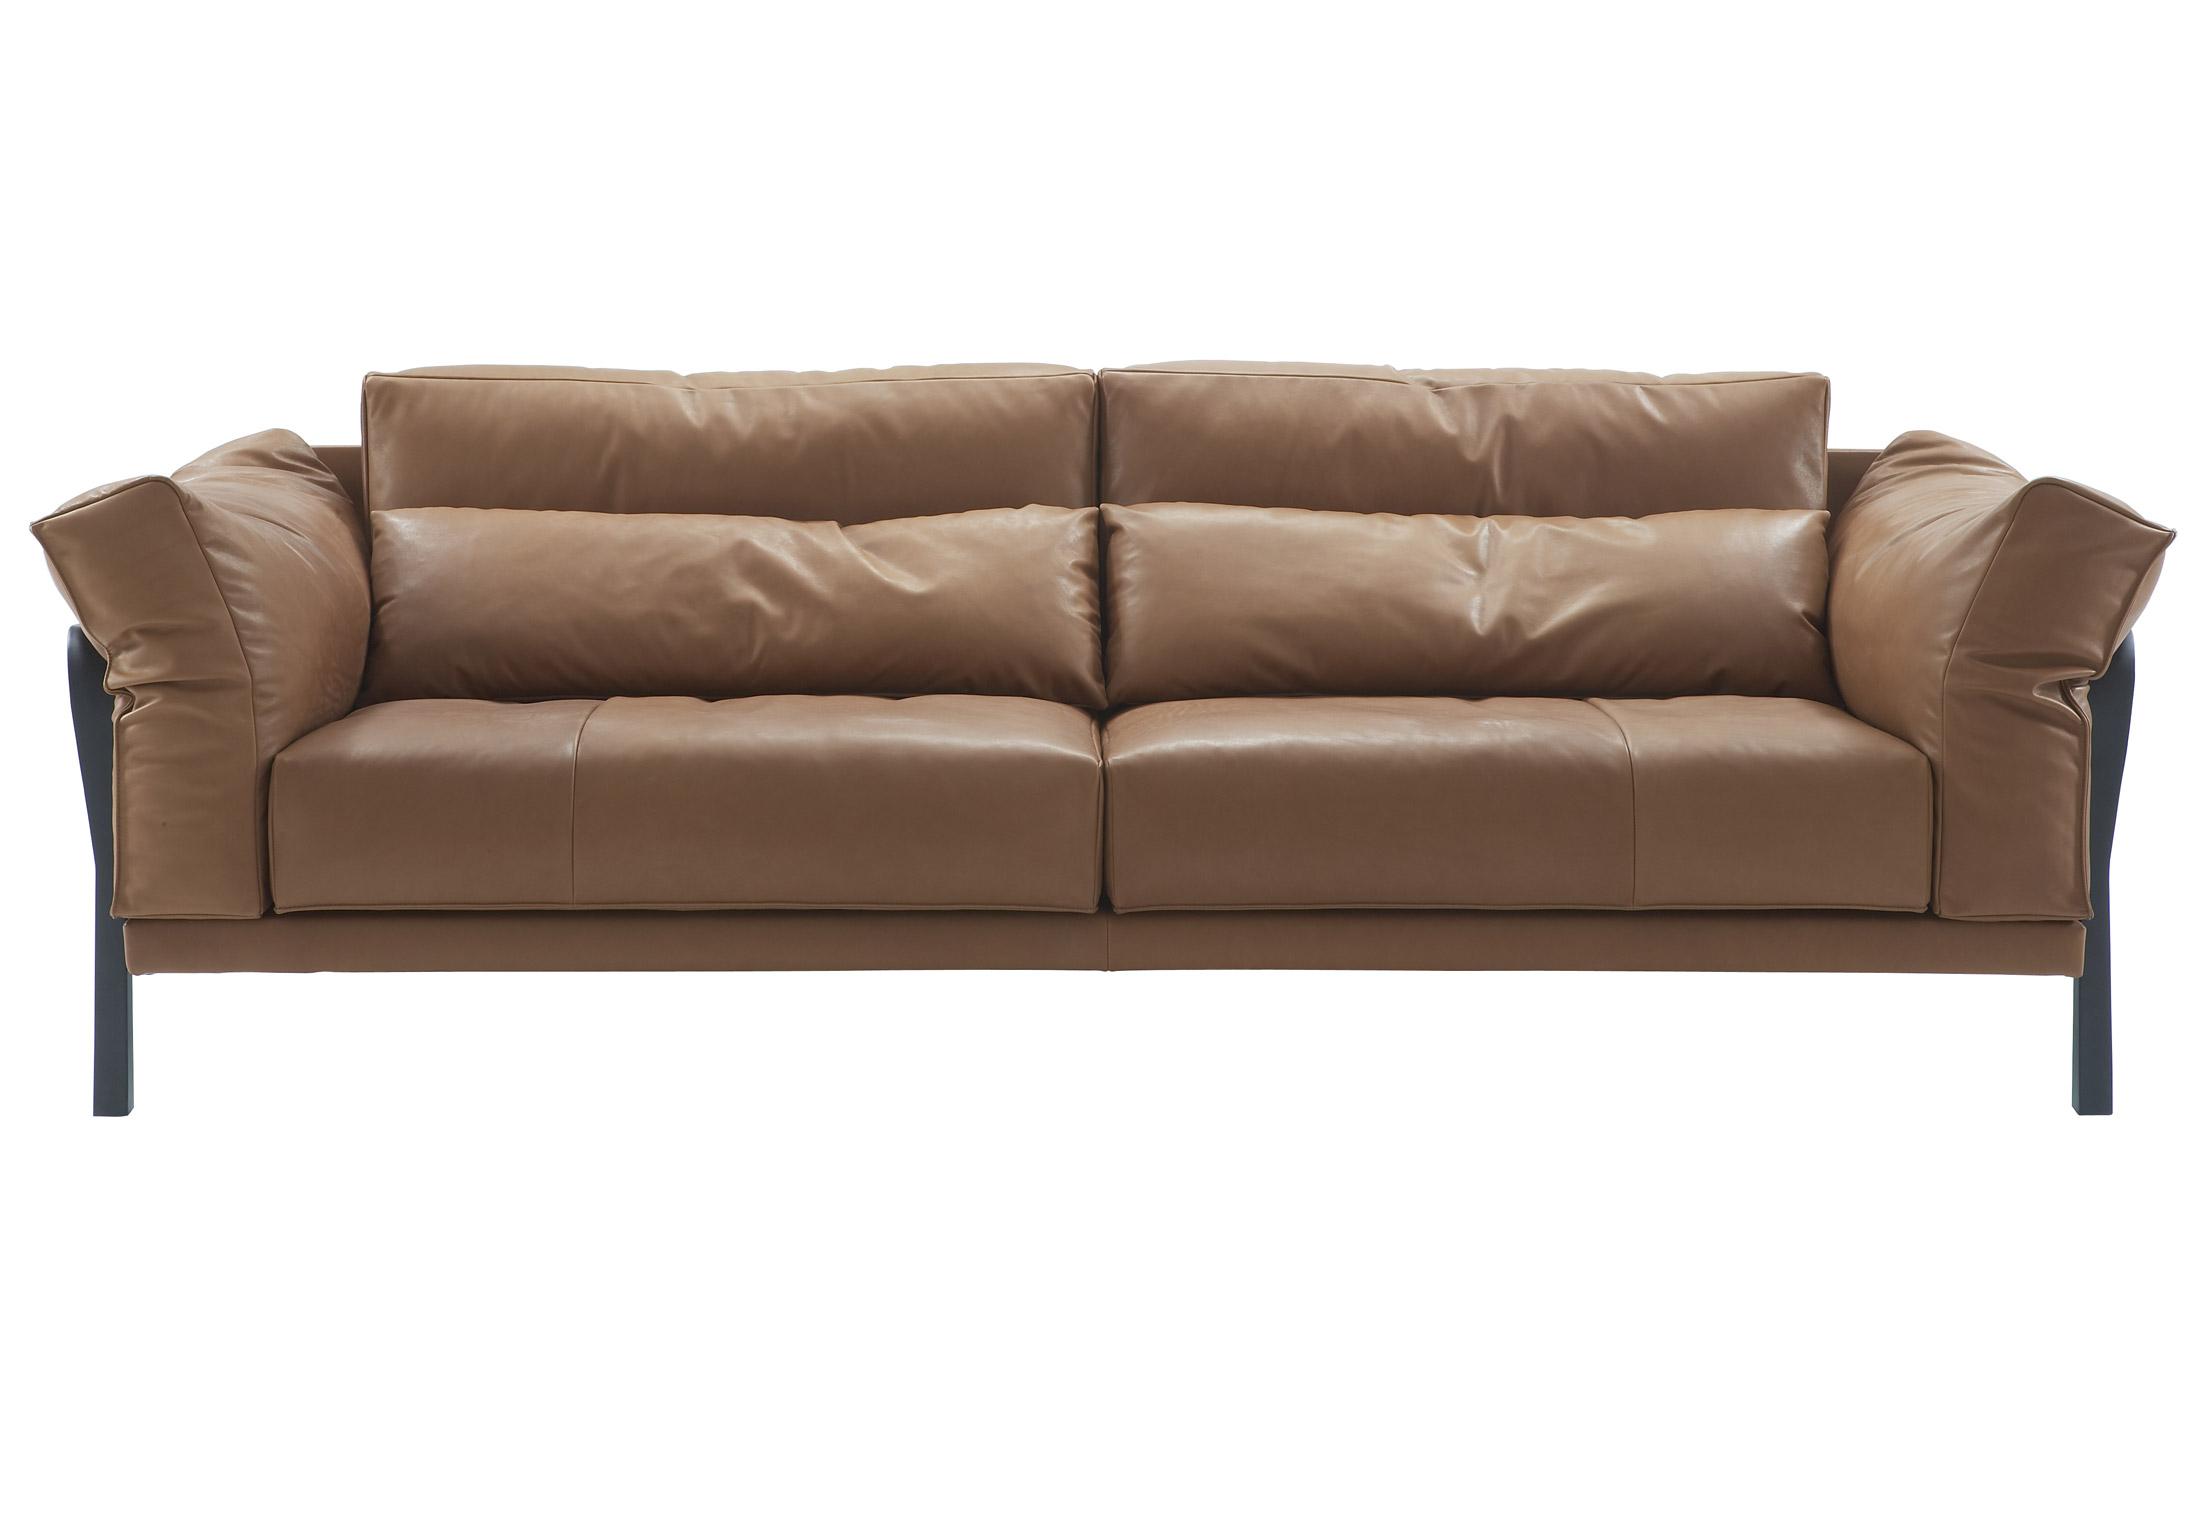 ligne roset nomade sofa protectors uk cityloft by stylepark